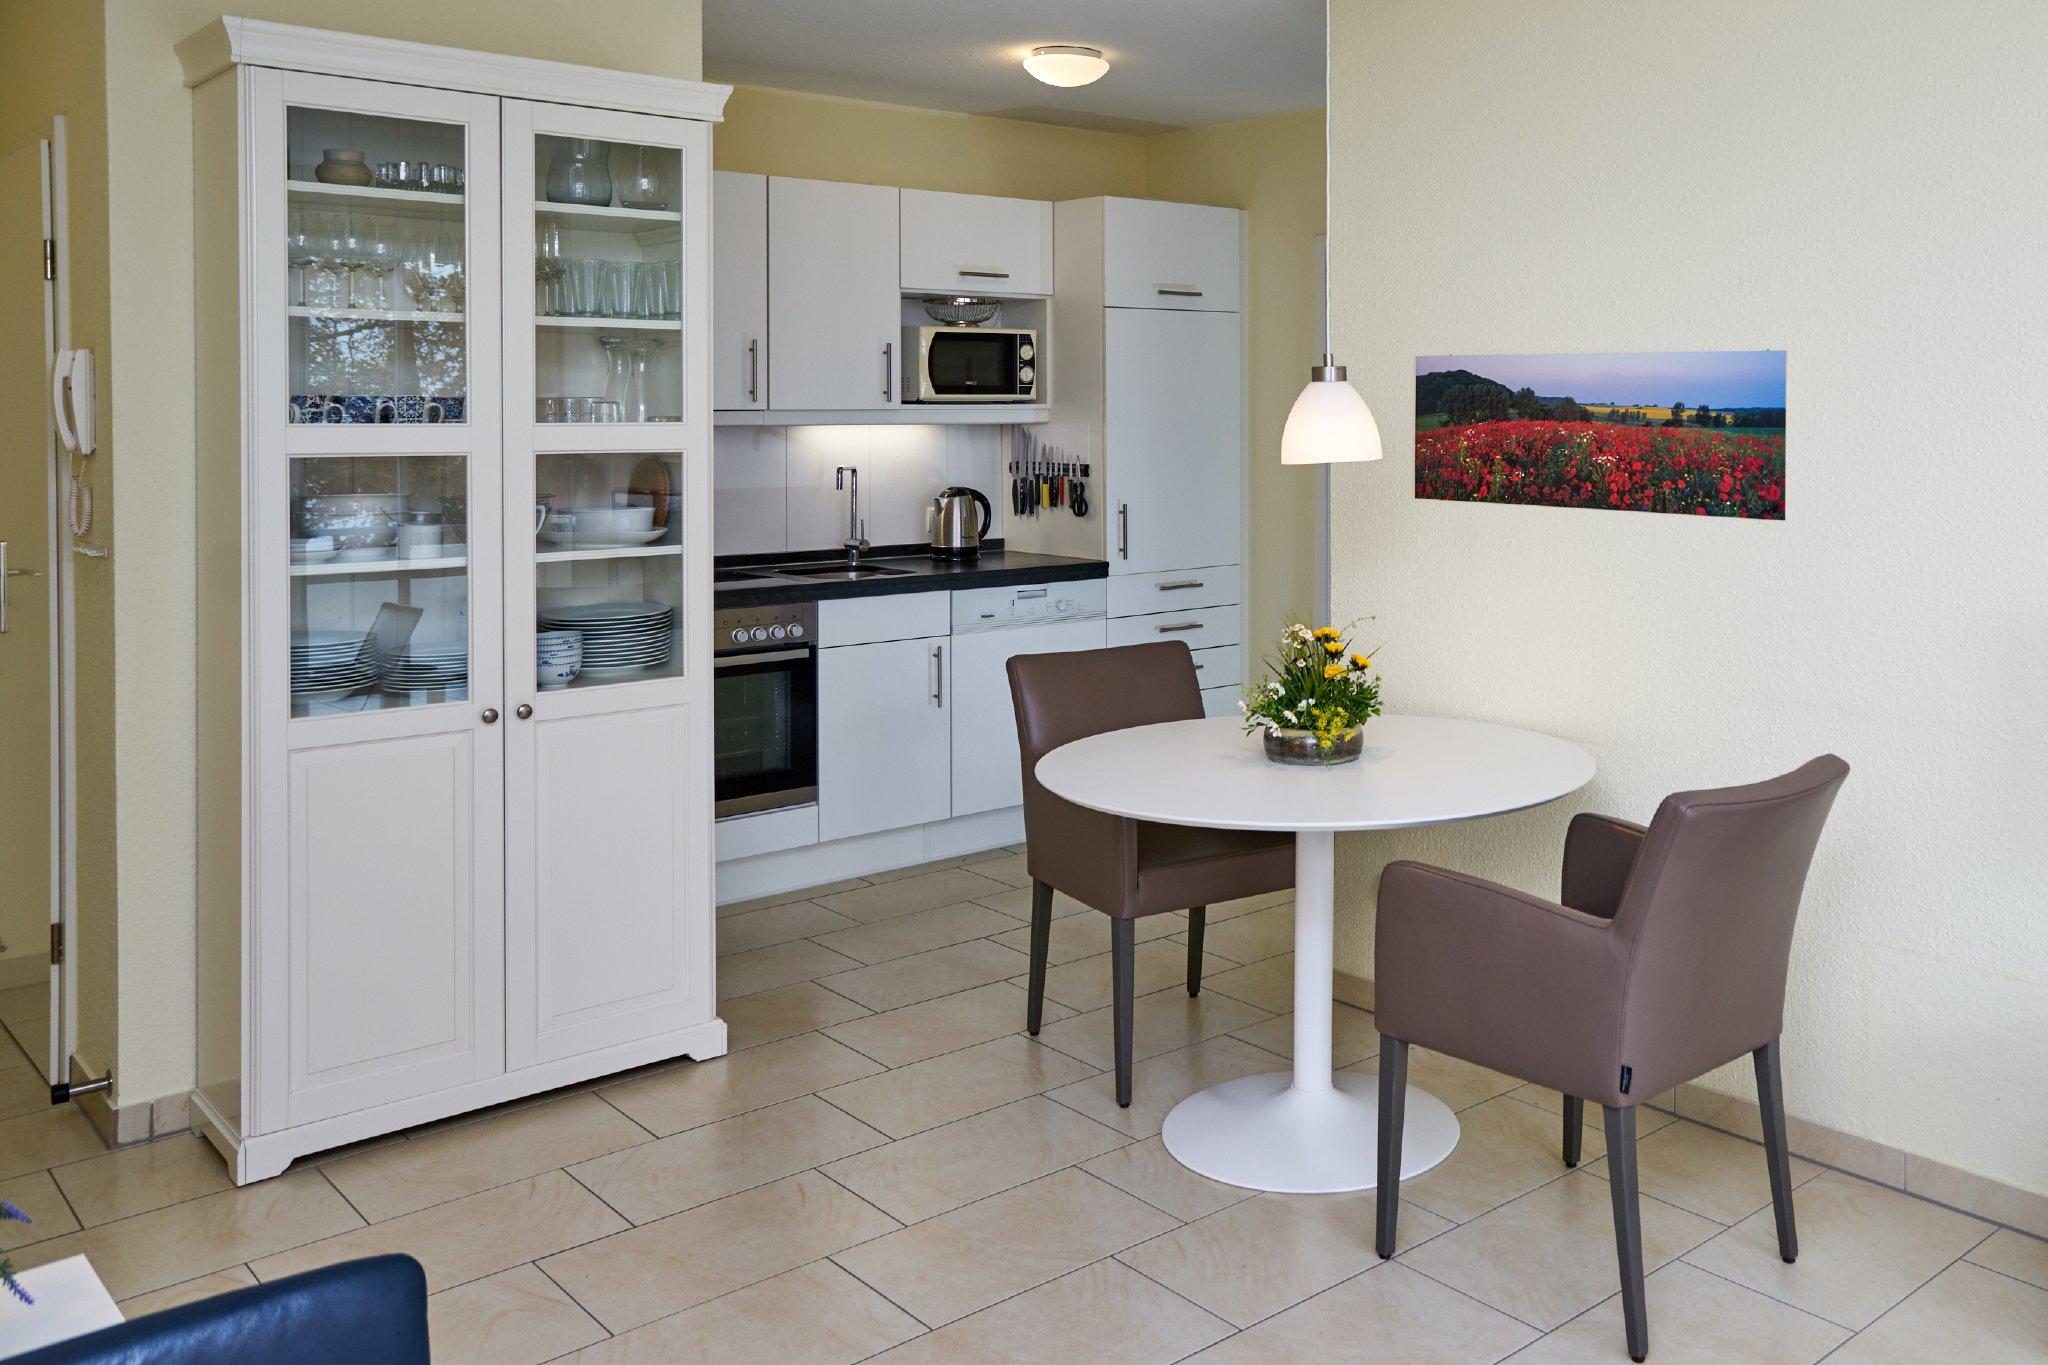 Wohnzimmer mit Blick in offene Küche